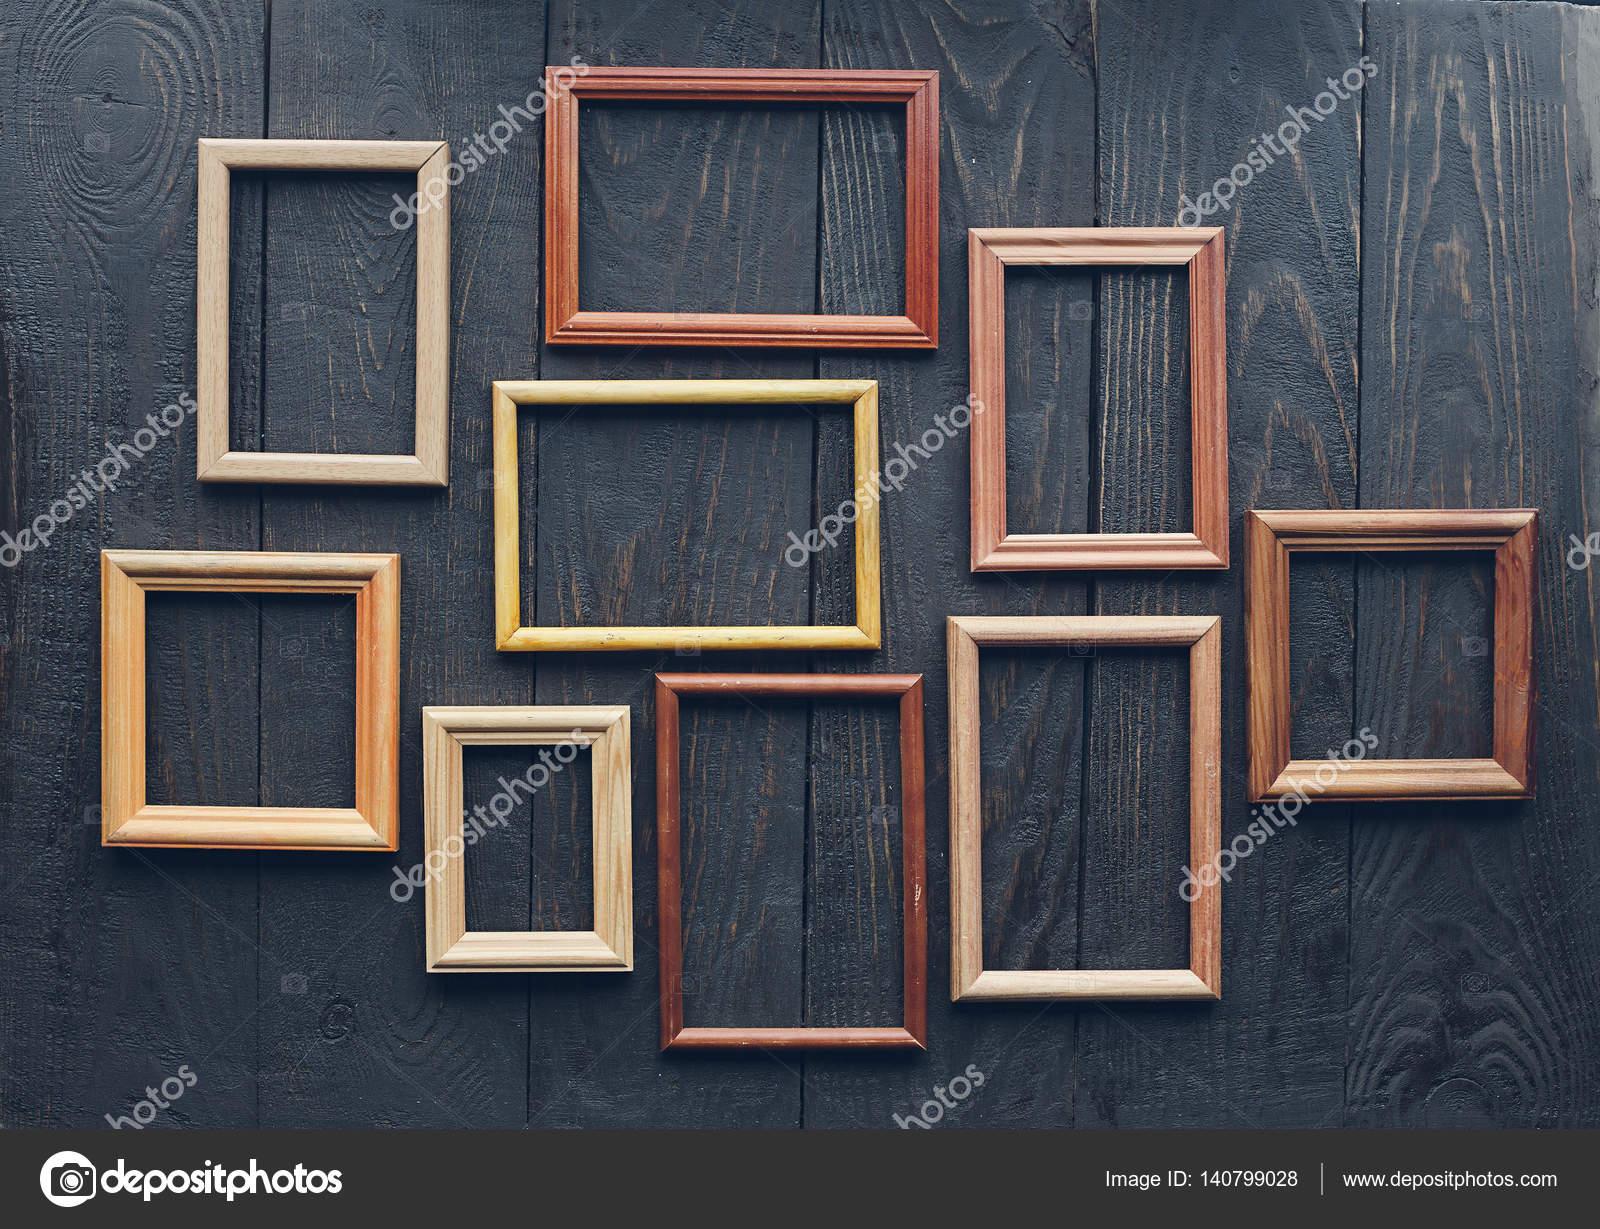 marcos antiguos en pared — Foto de stock © avlntn #140799028